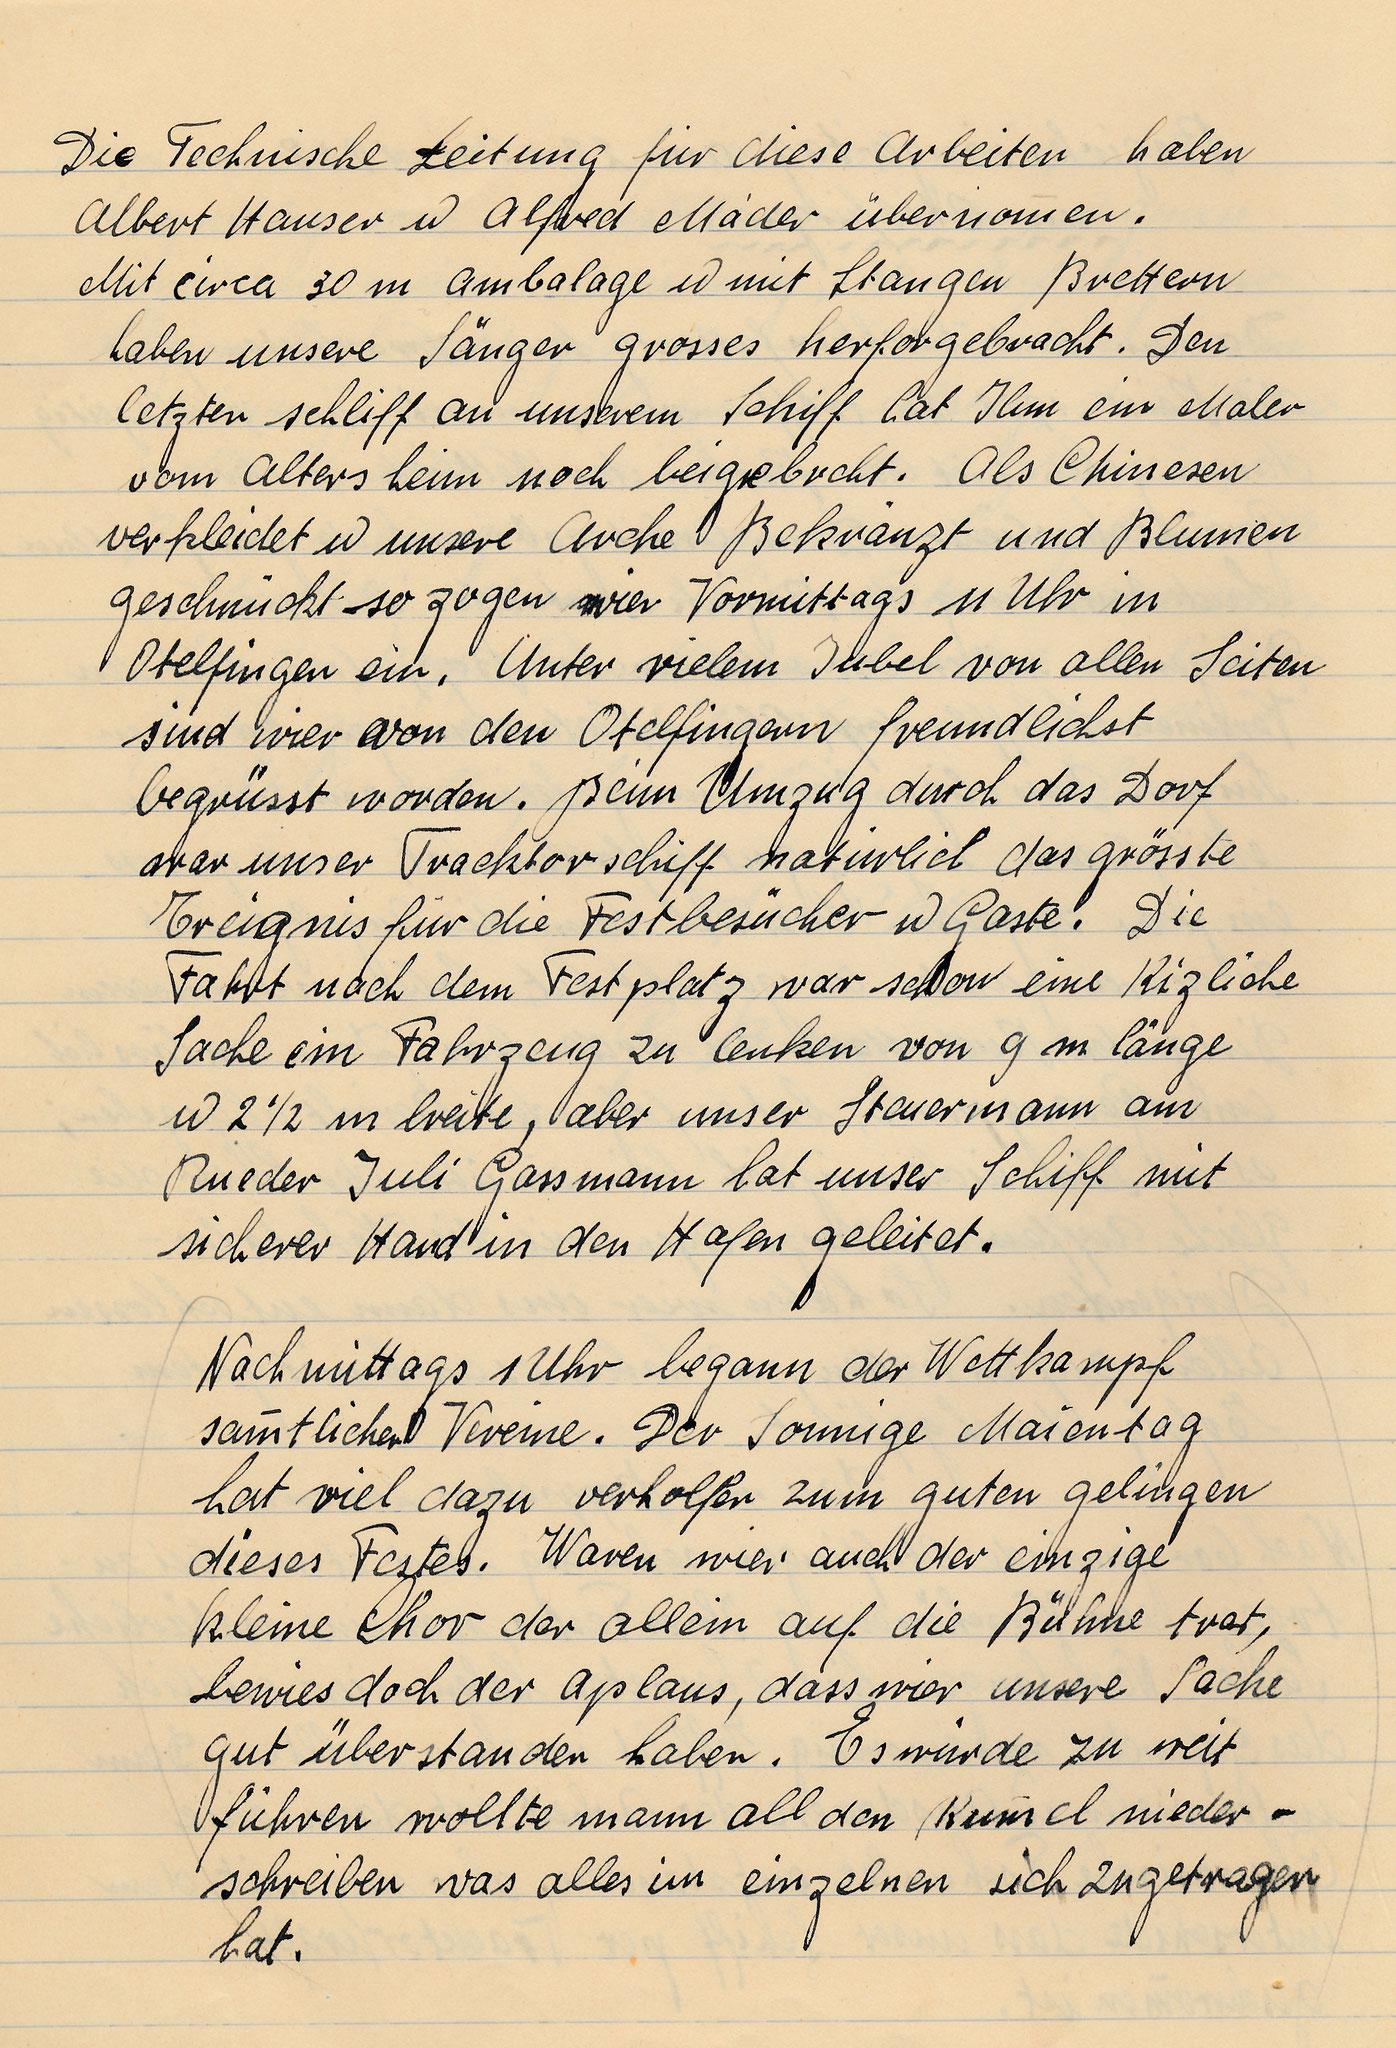 Protokoll zum Bezirkssängertag 22.5.1938